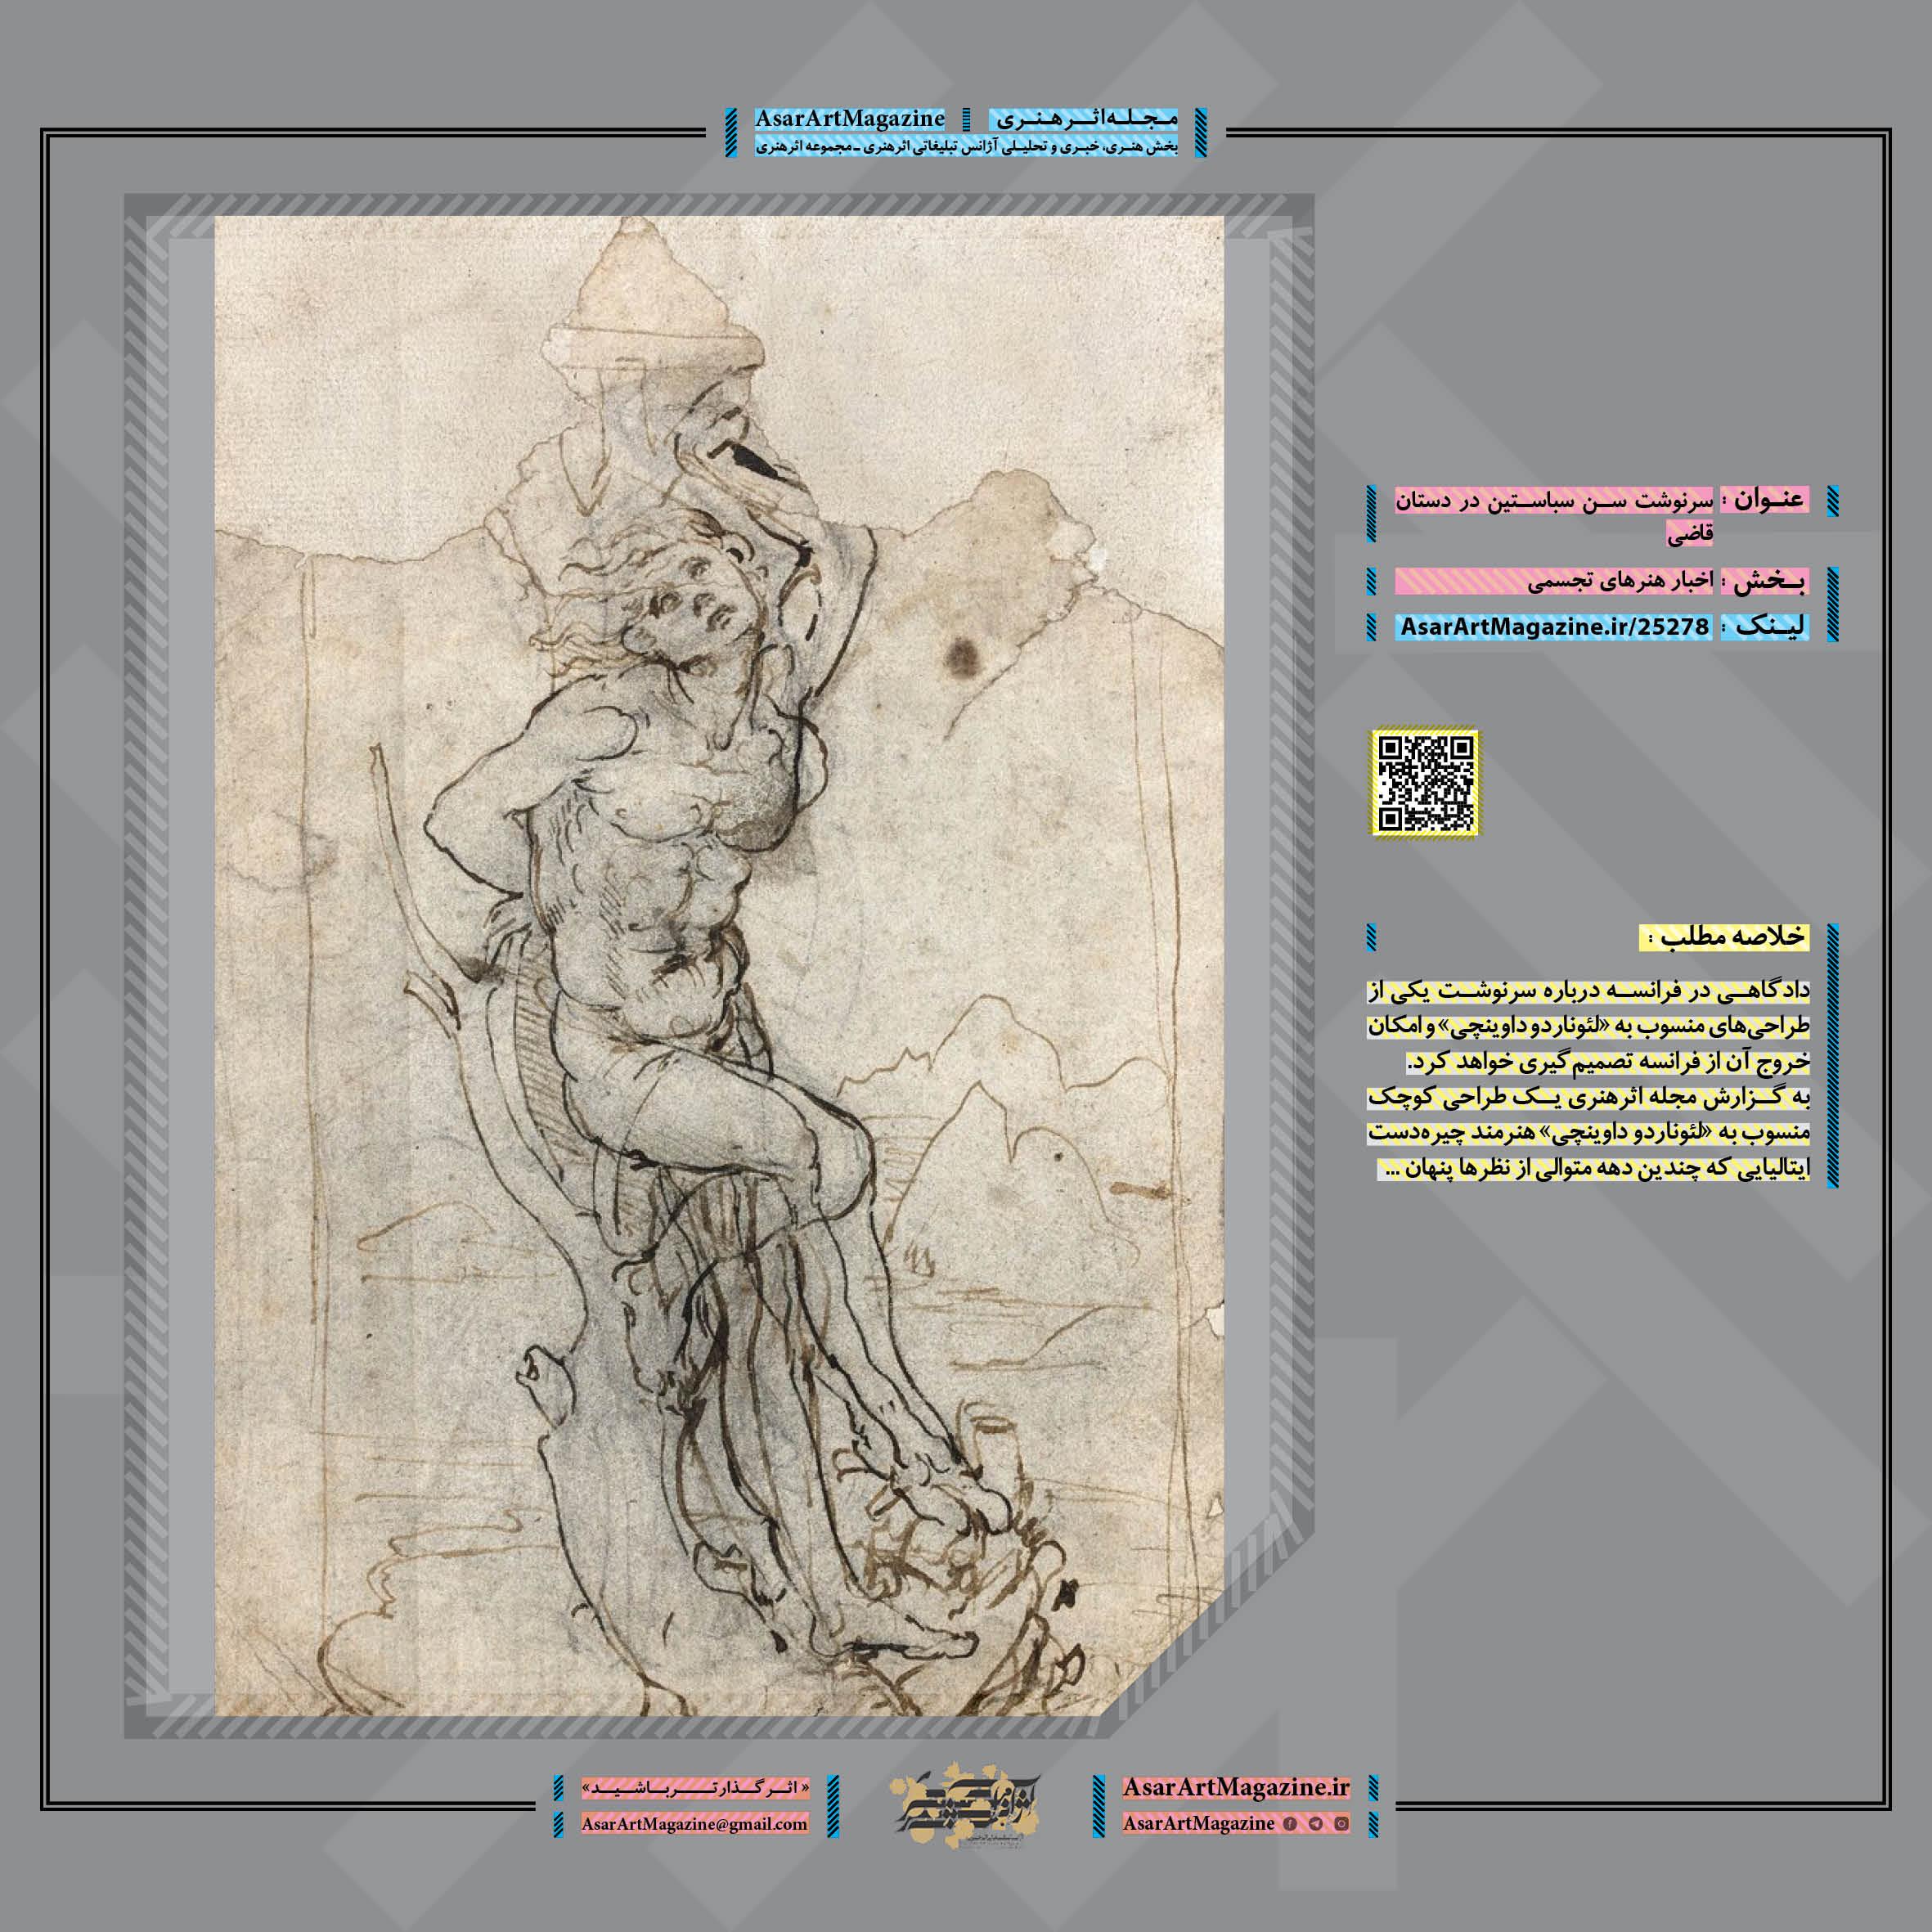 سرنوشت سن سباستین در دستان قاضی  مجله اثرهنری ـ اثر هنری